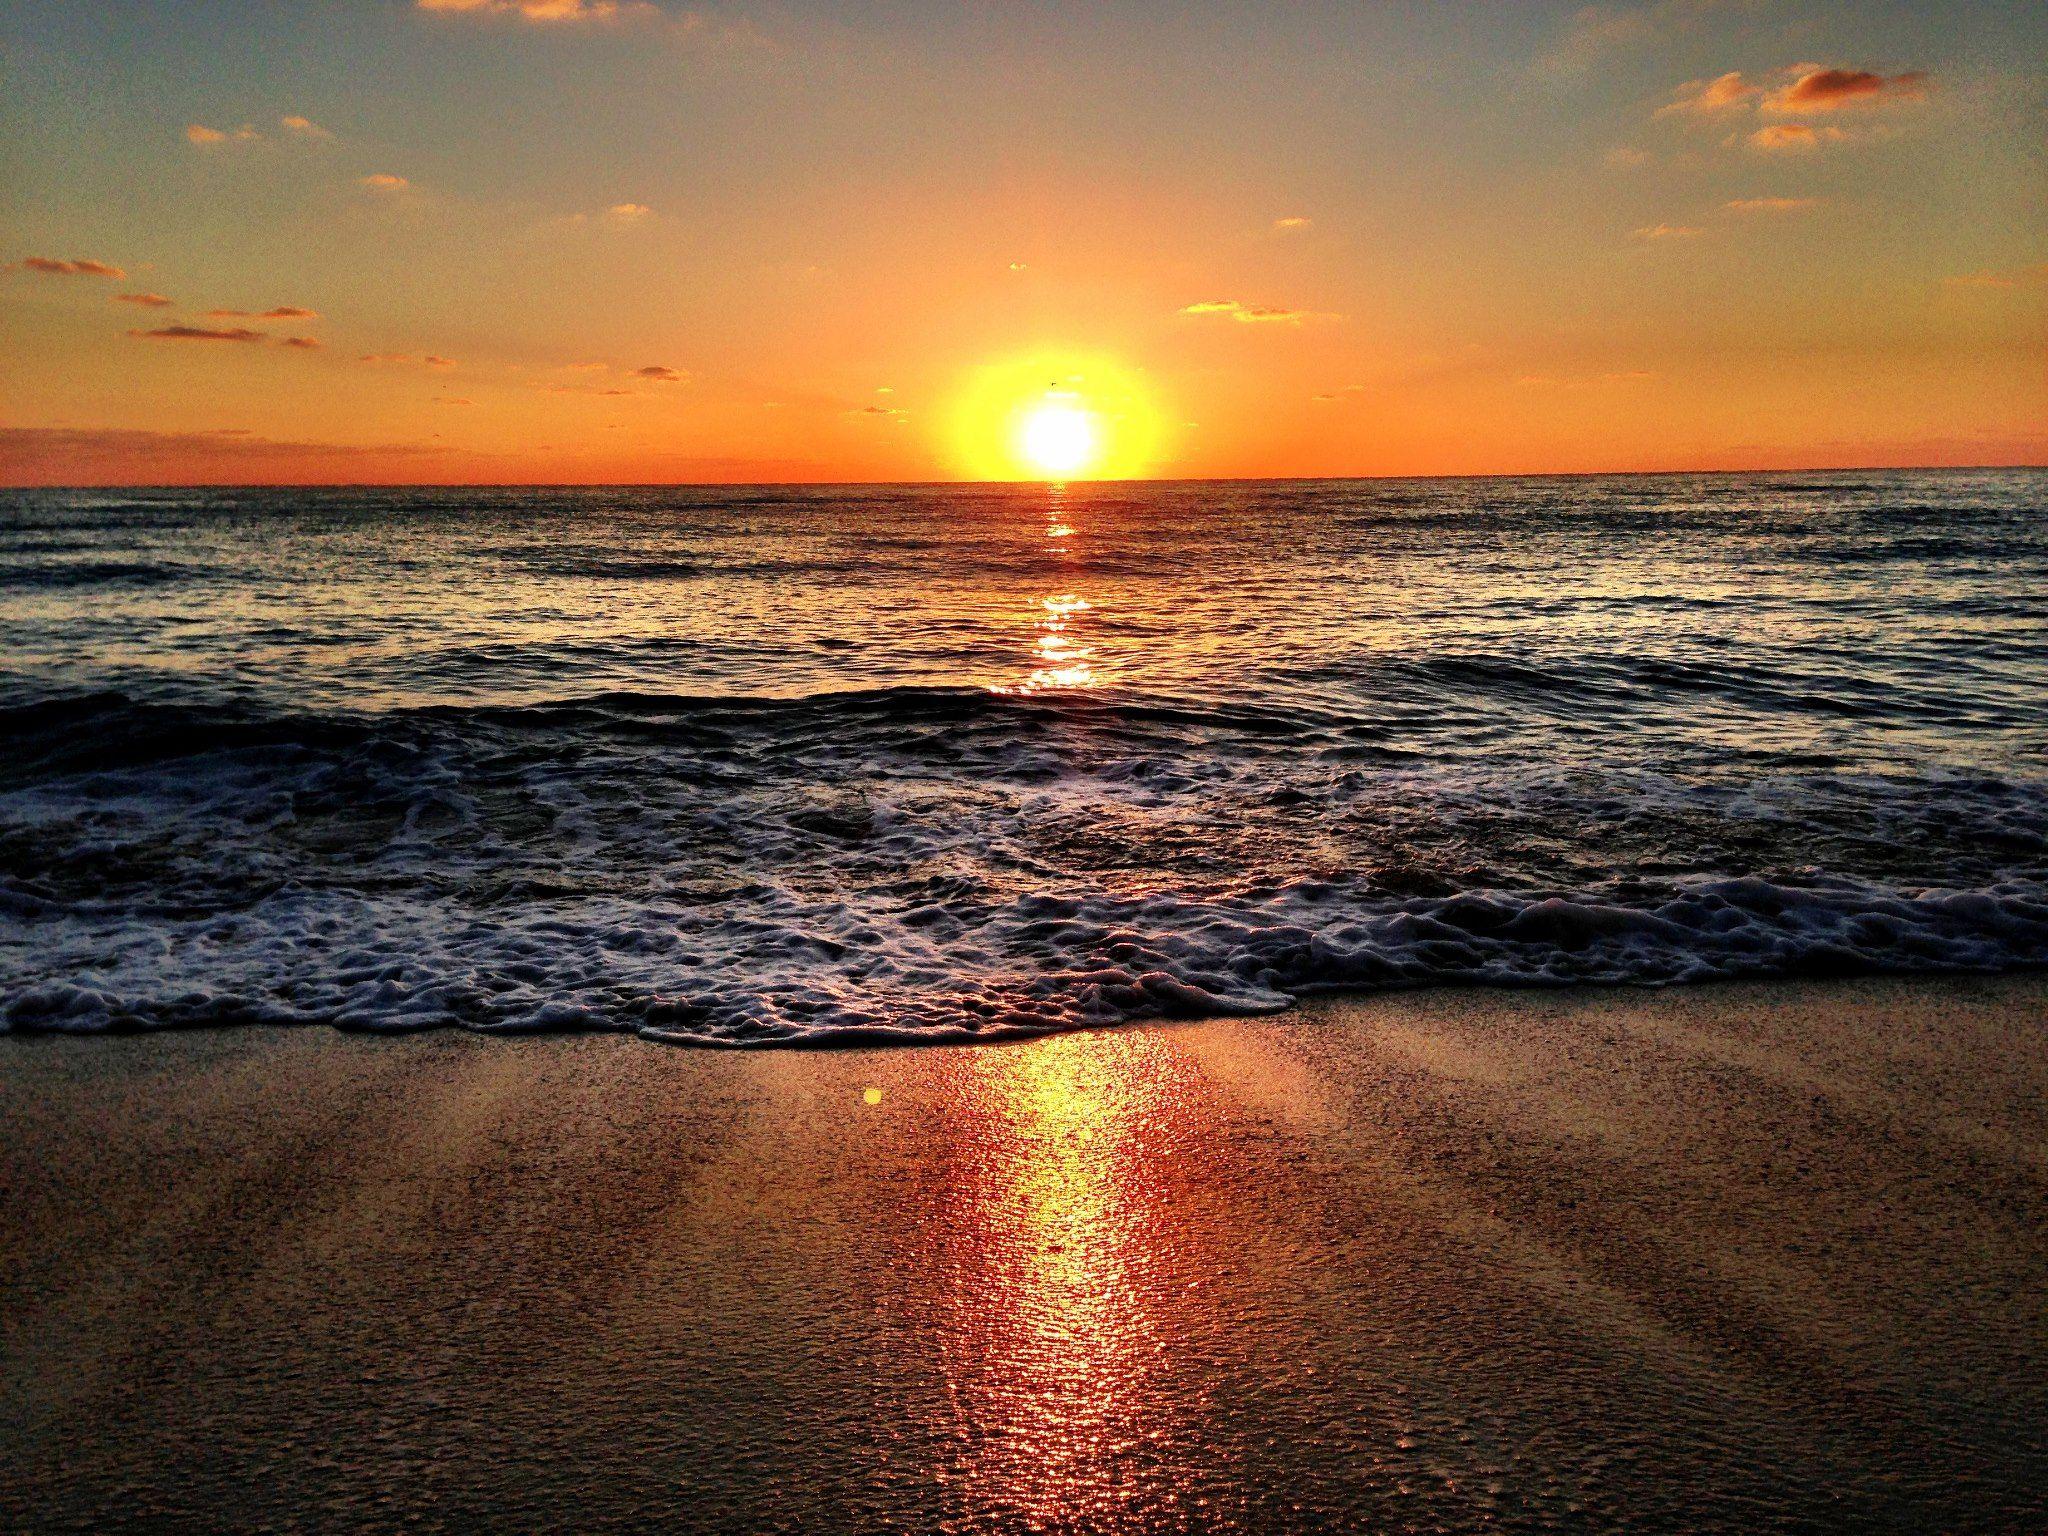 Imagine waking up to this beautiful sunrise every morning